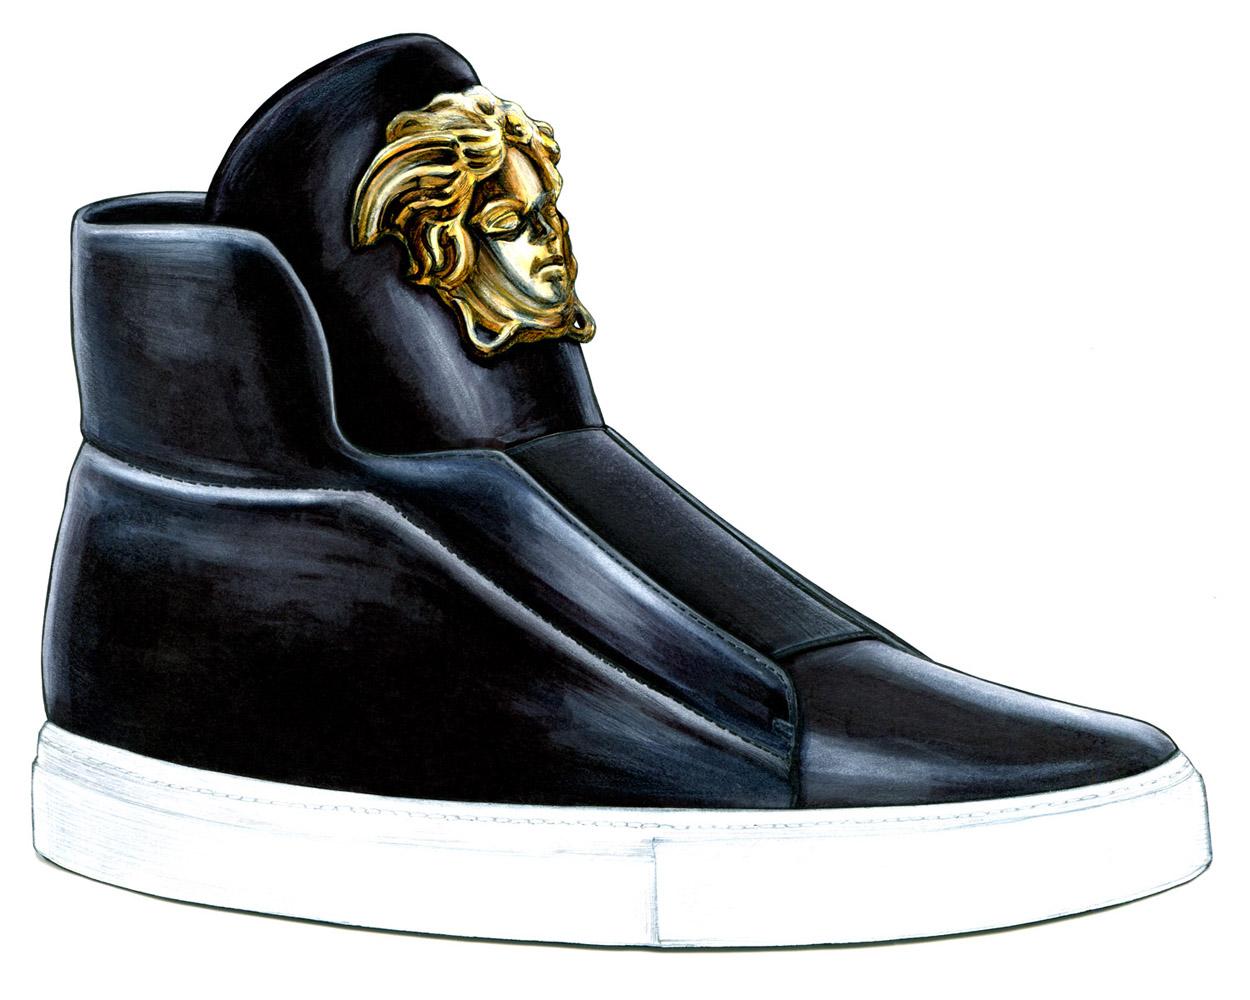 versace-sneaker01